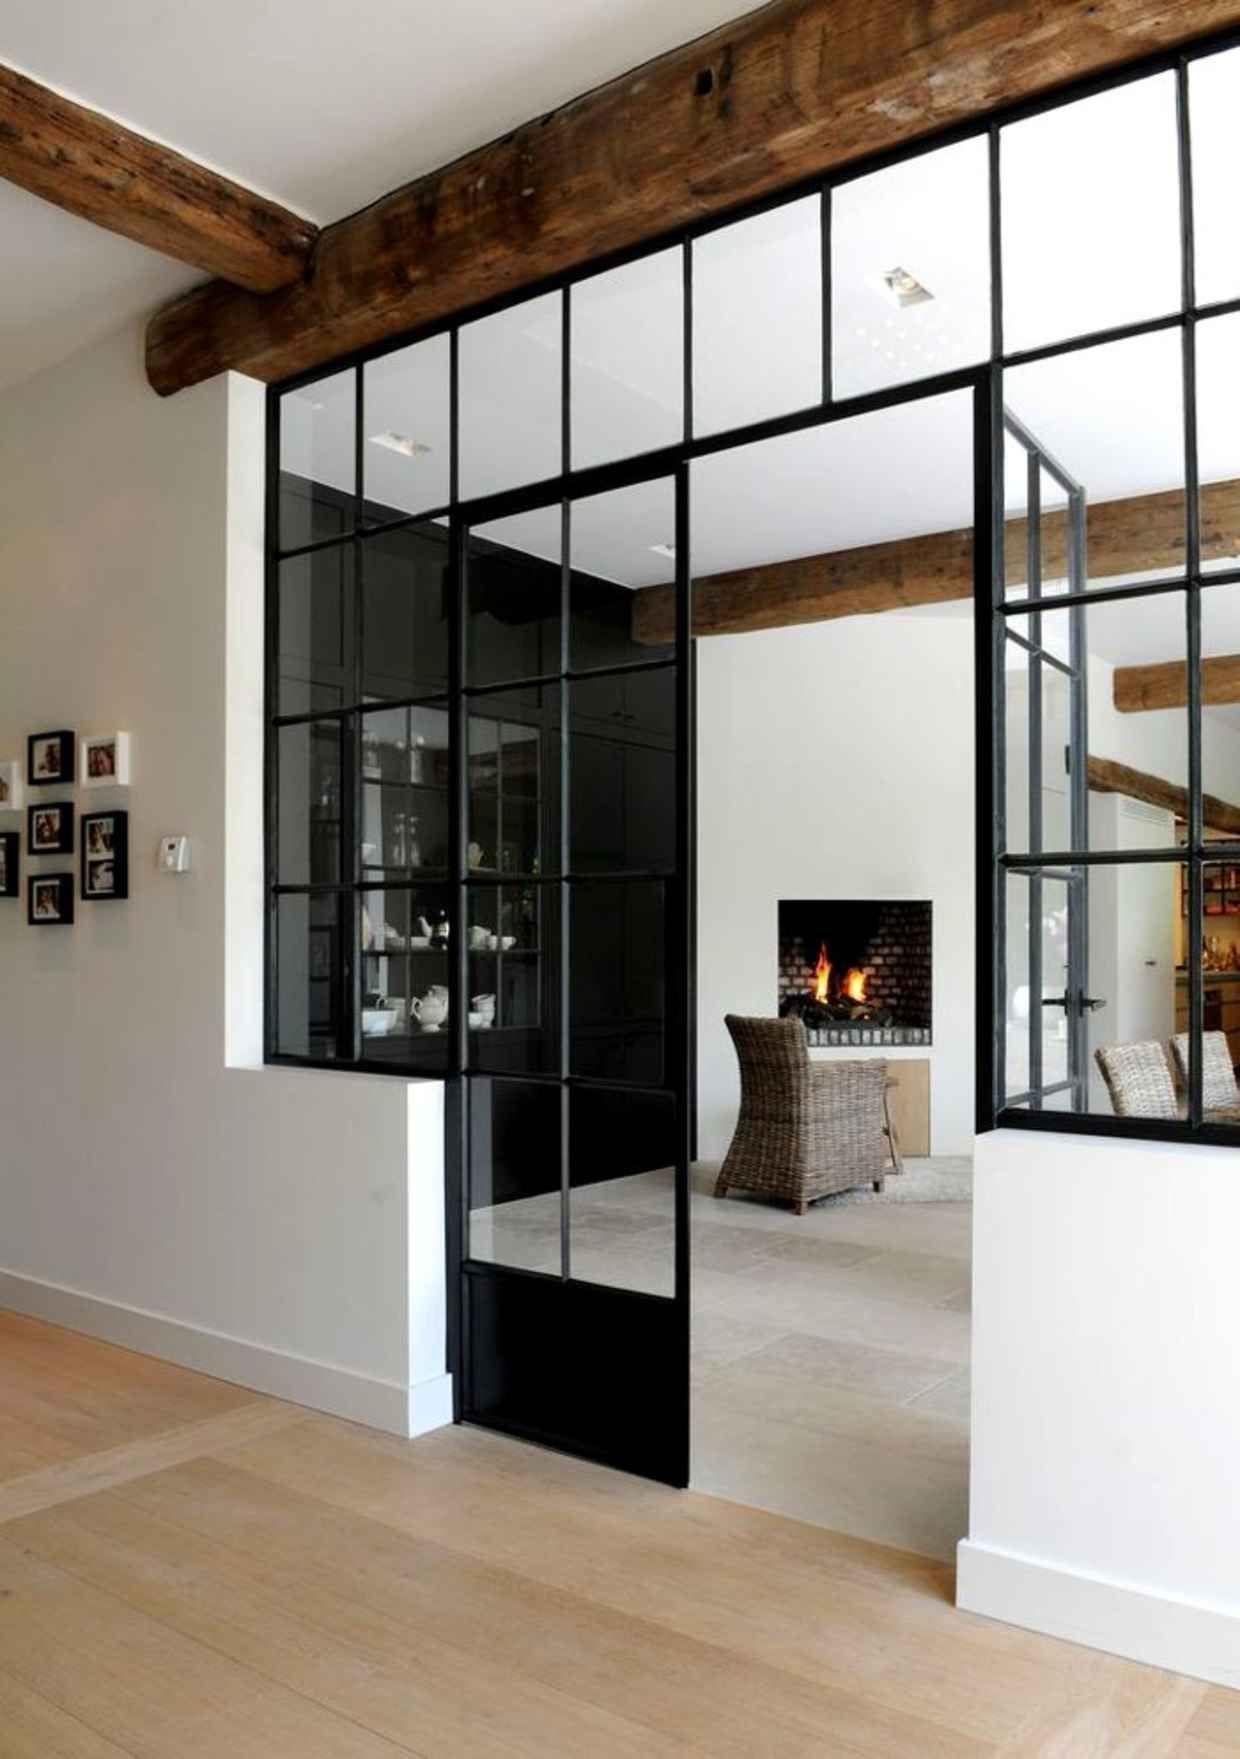 20 Examples Of Minimal Interior Design #21